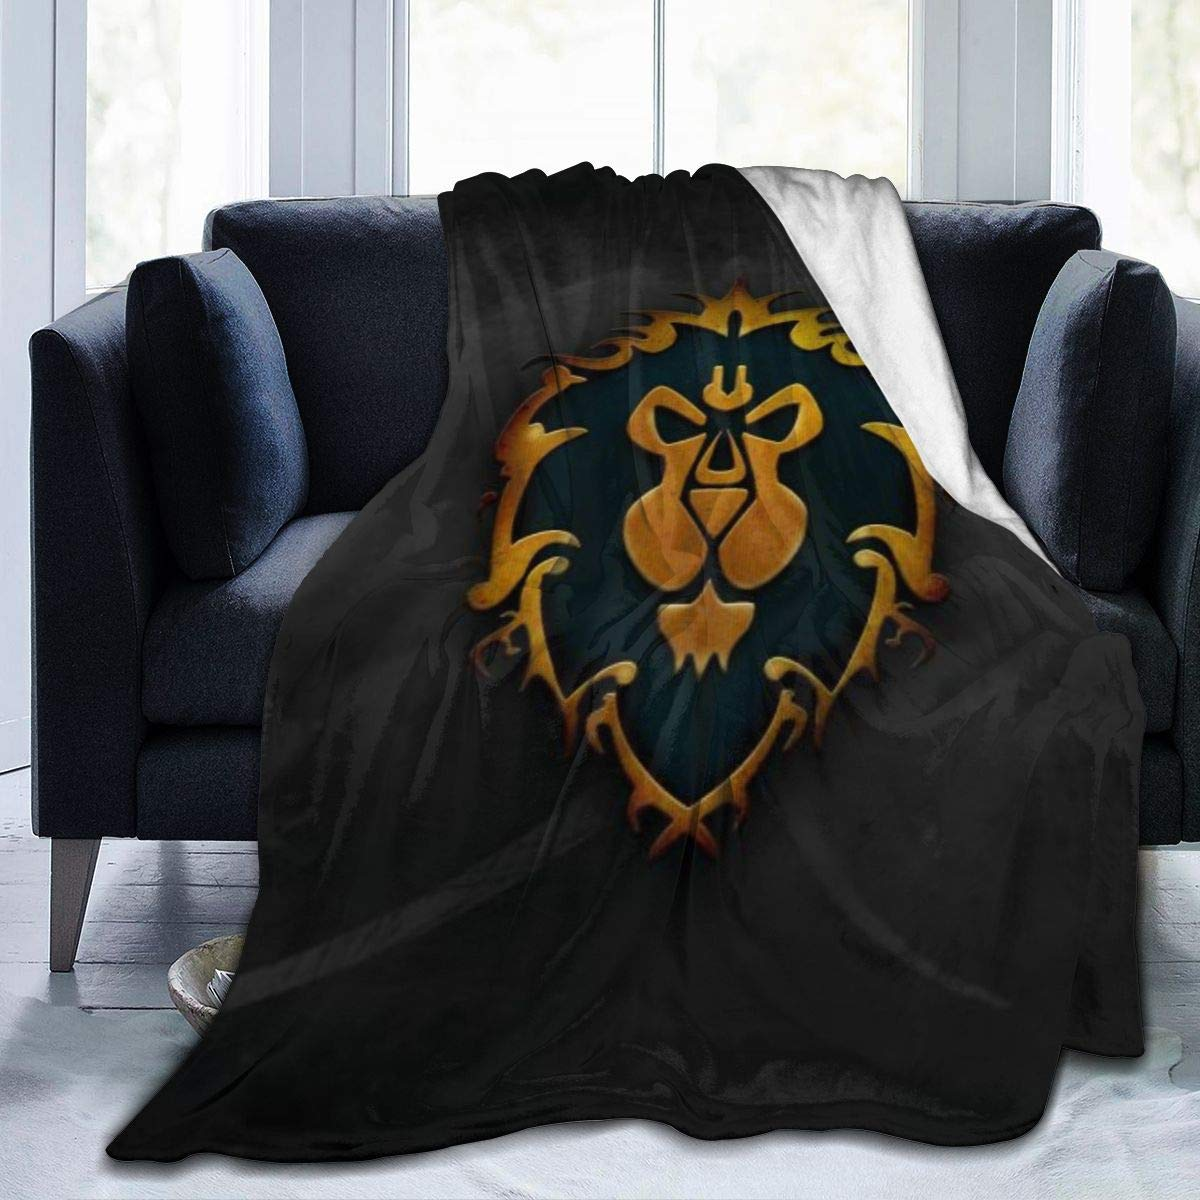 impresi/ón 3D Negro Manta de tama/ño Grande y c/álida para Adultos con Franela Suave Antibolitas para Adultos y ni/ños Fashion DIY World of Warcraft 50 x40